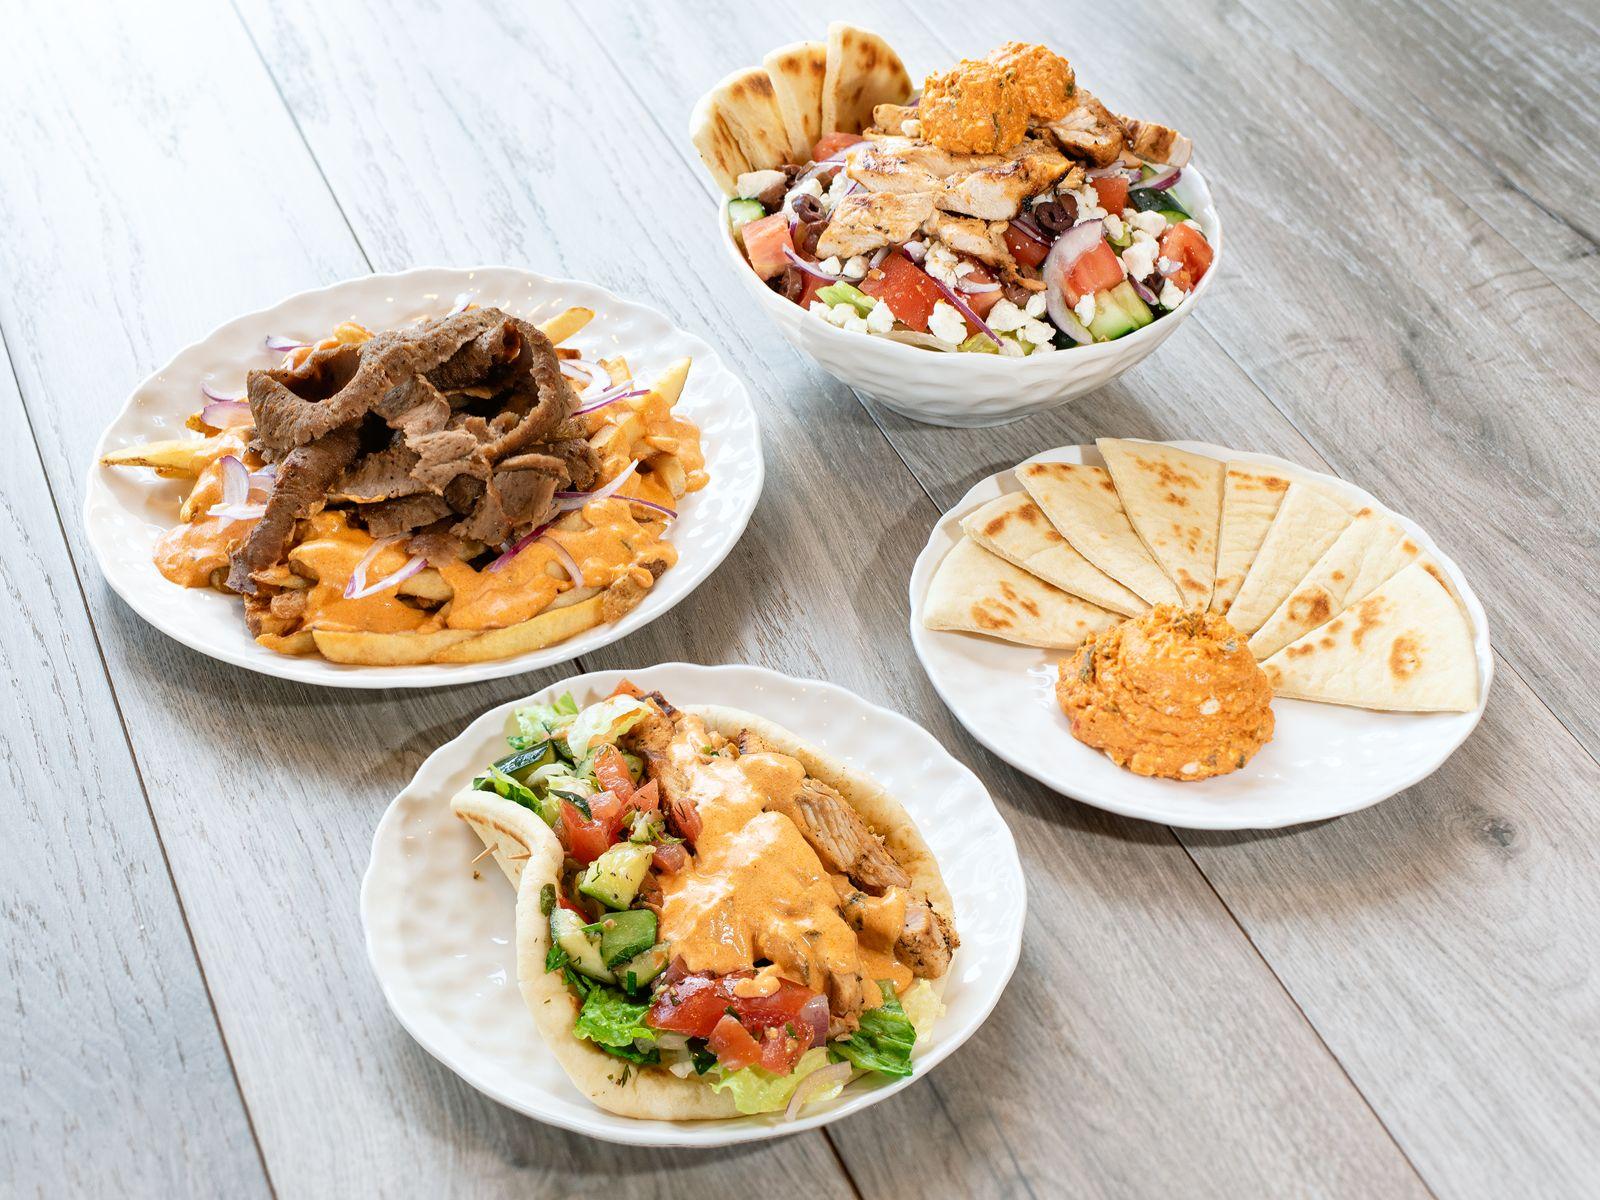 Daphne's propose des plats traditionnels tels que des gyroscopes sculptés à la main et des fruits de mer grillés, ainsi que des plats plus modernes tels que des frites Fire Feta et des assiettes Mix & Match à base d'ingrédients de qualité supérieure, sains et authentiques.